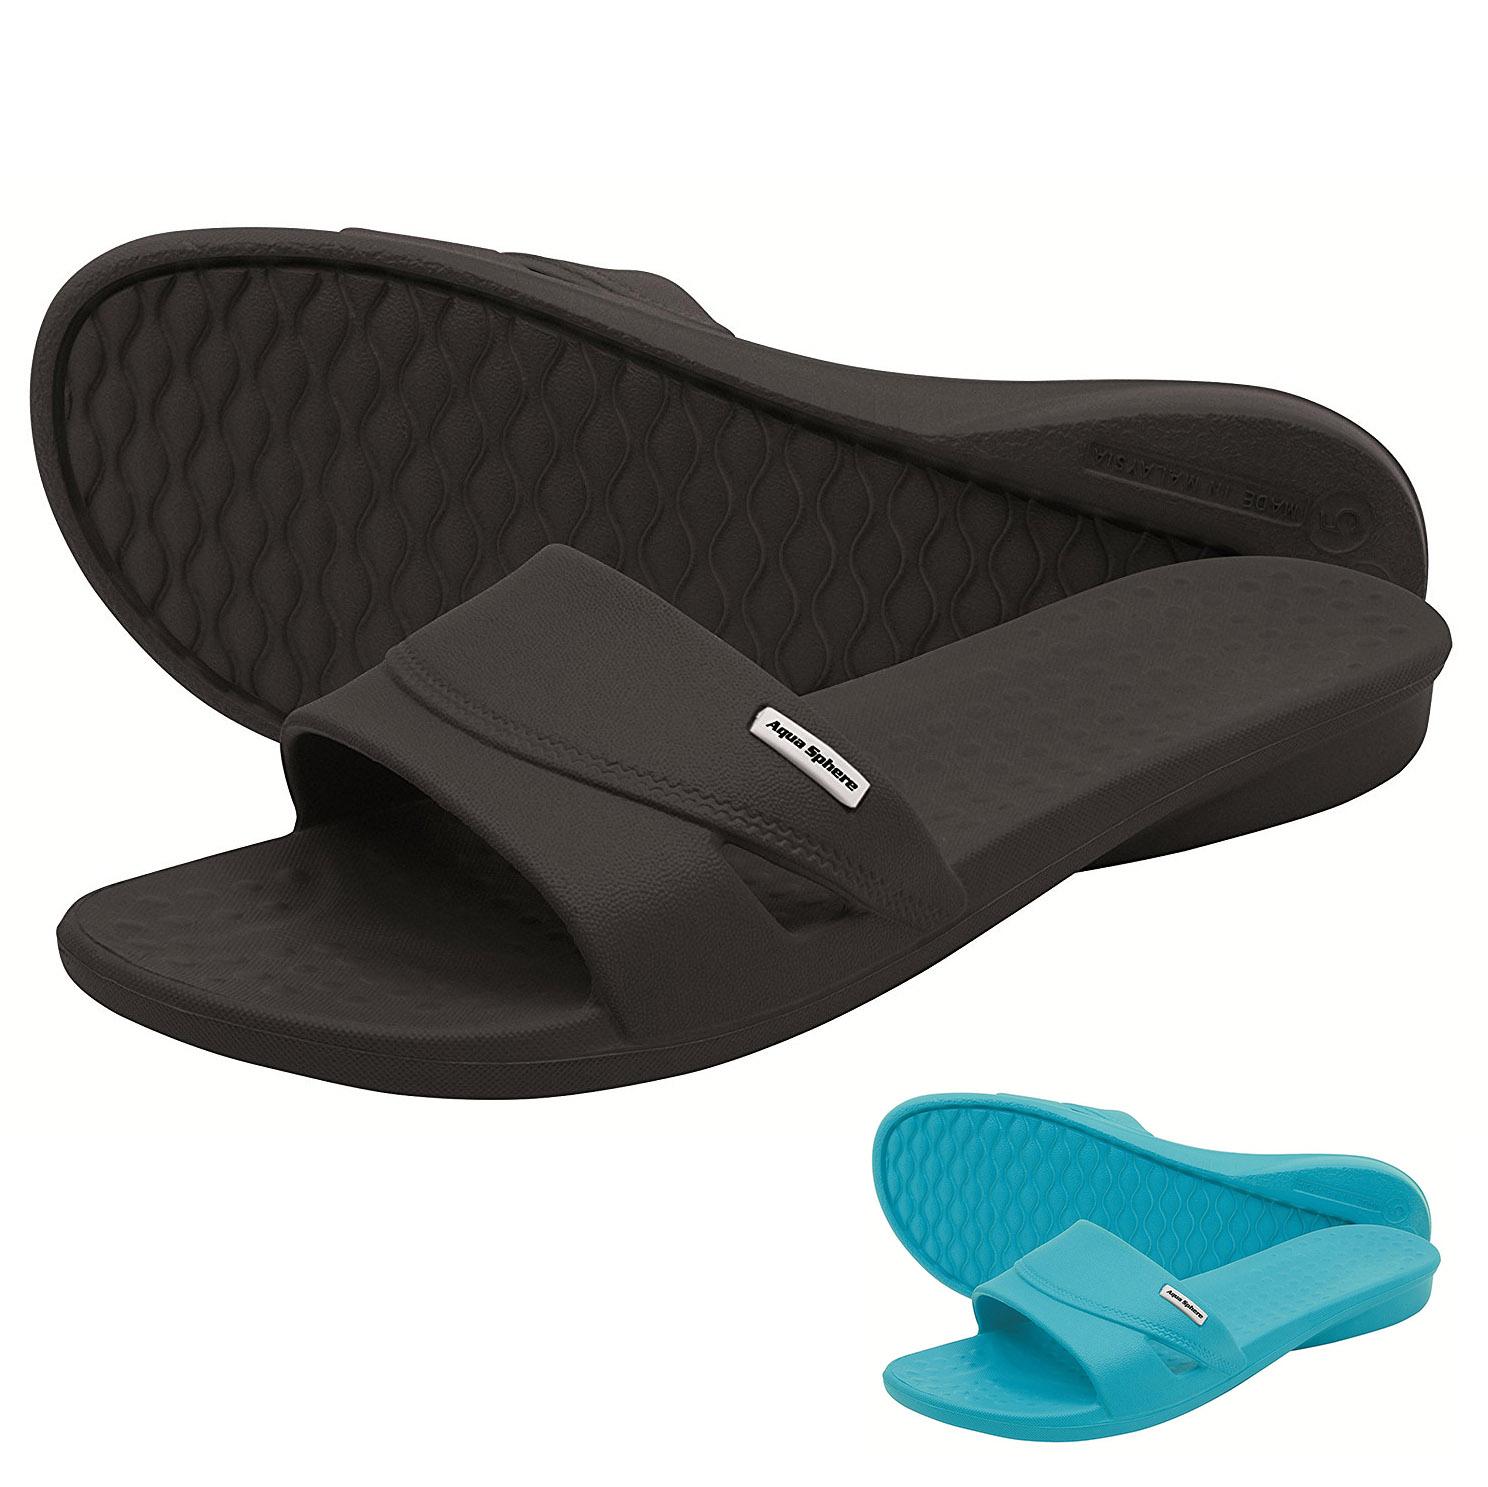 Aqua Sphere TRENDY Slider Aqua Shoes